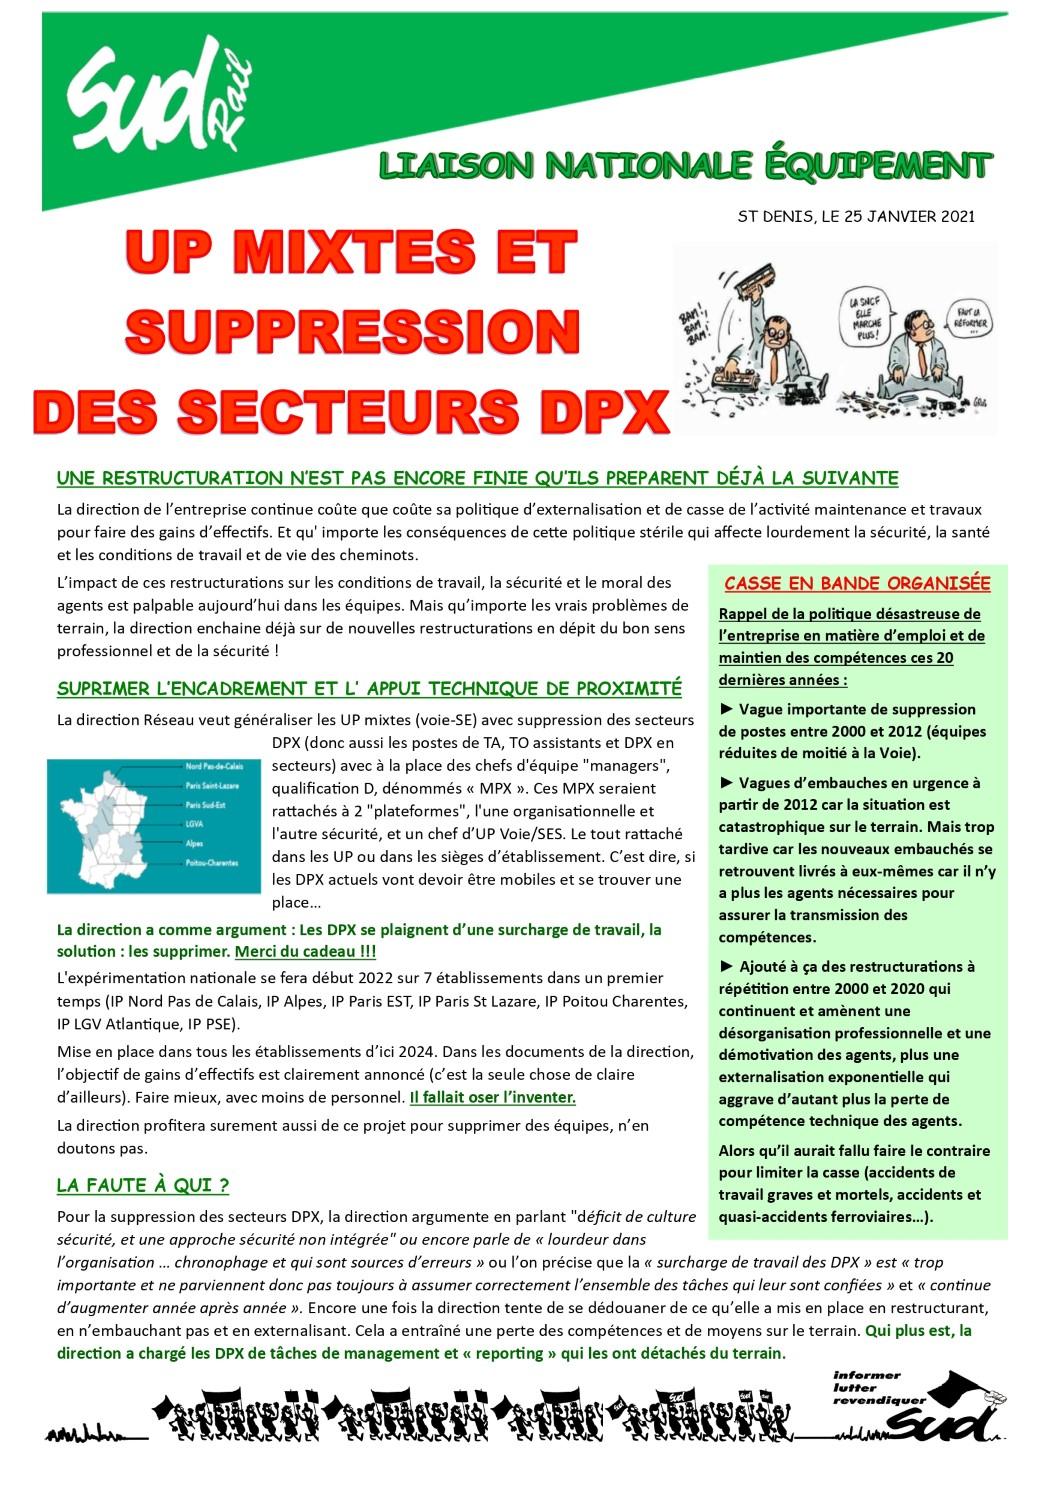 Suppression des secteurs DPX à l'Equipement